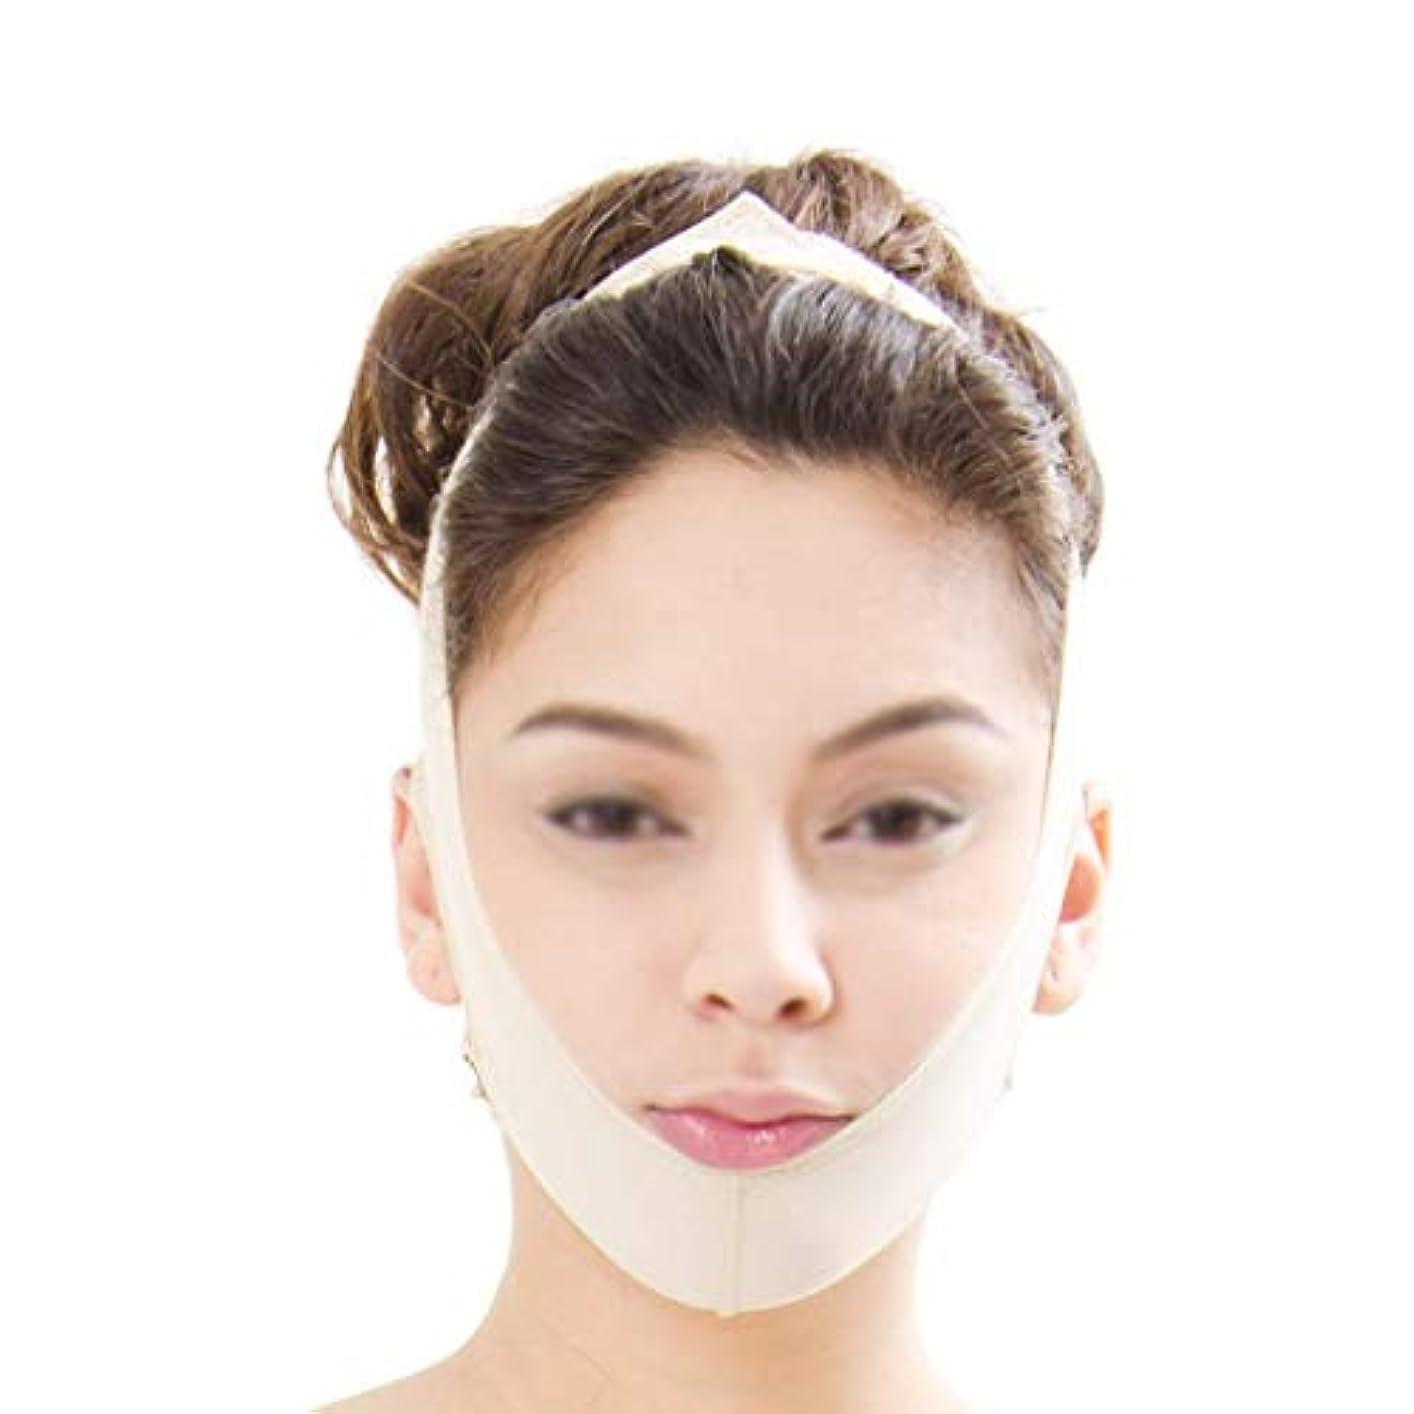 バクテリア飢えた既婚フェイススリミングバンデージ、フェイスリフティングマスク、フェイスリフティングバンデージ、フェイシャル減量マスク、ダブルチンケア減量(サイズ:M),ザ?